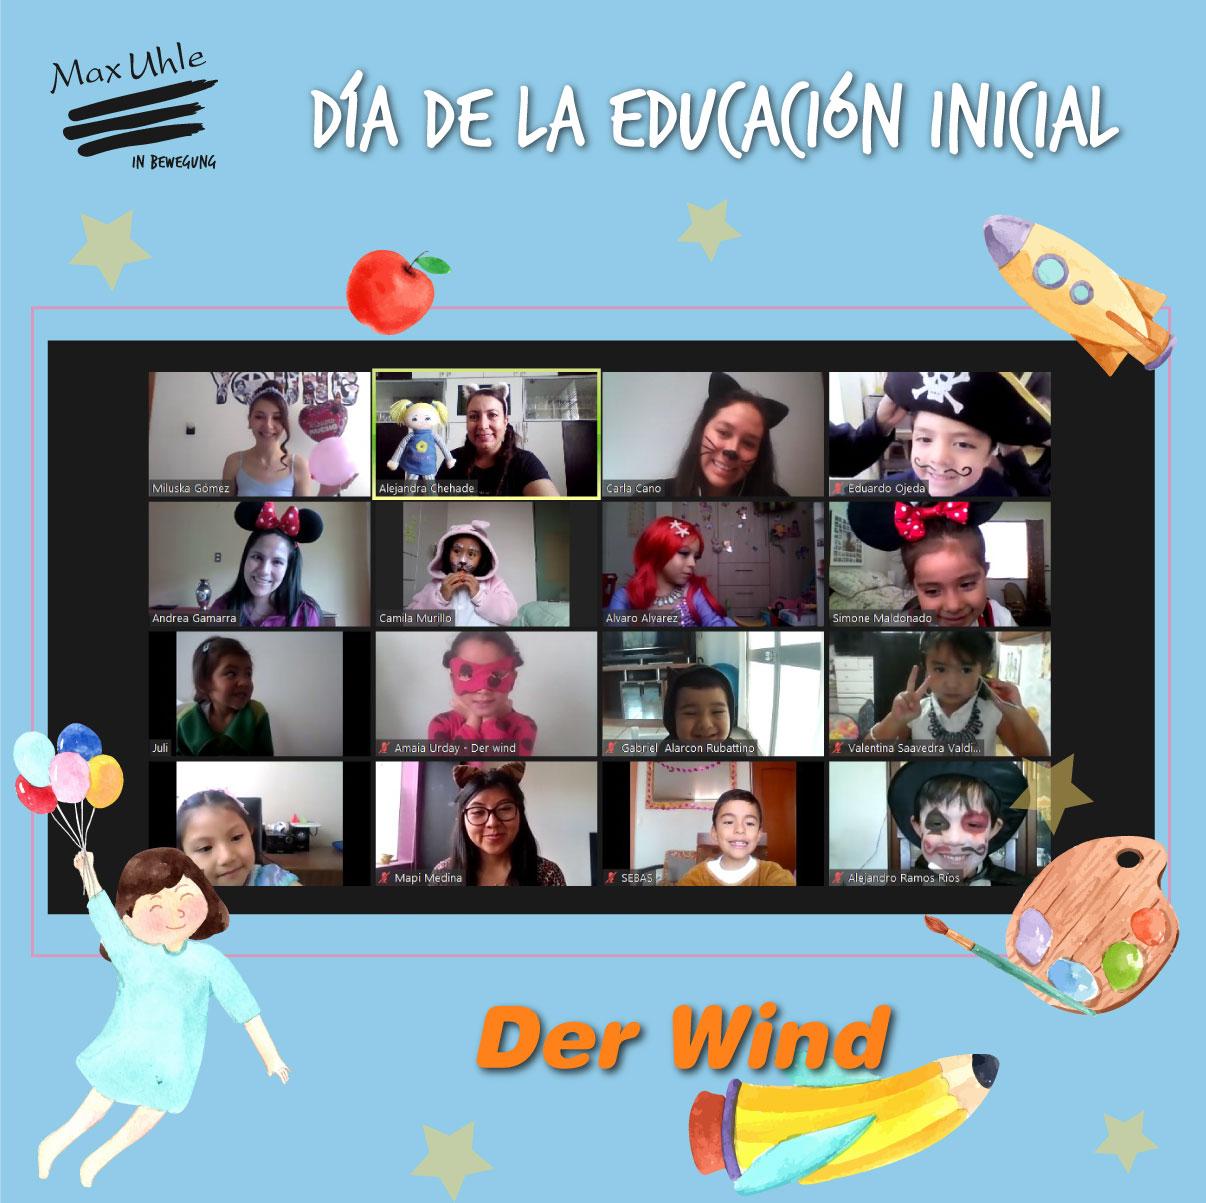 Das Wind 2 Día de la Educación Inicial